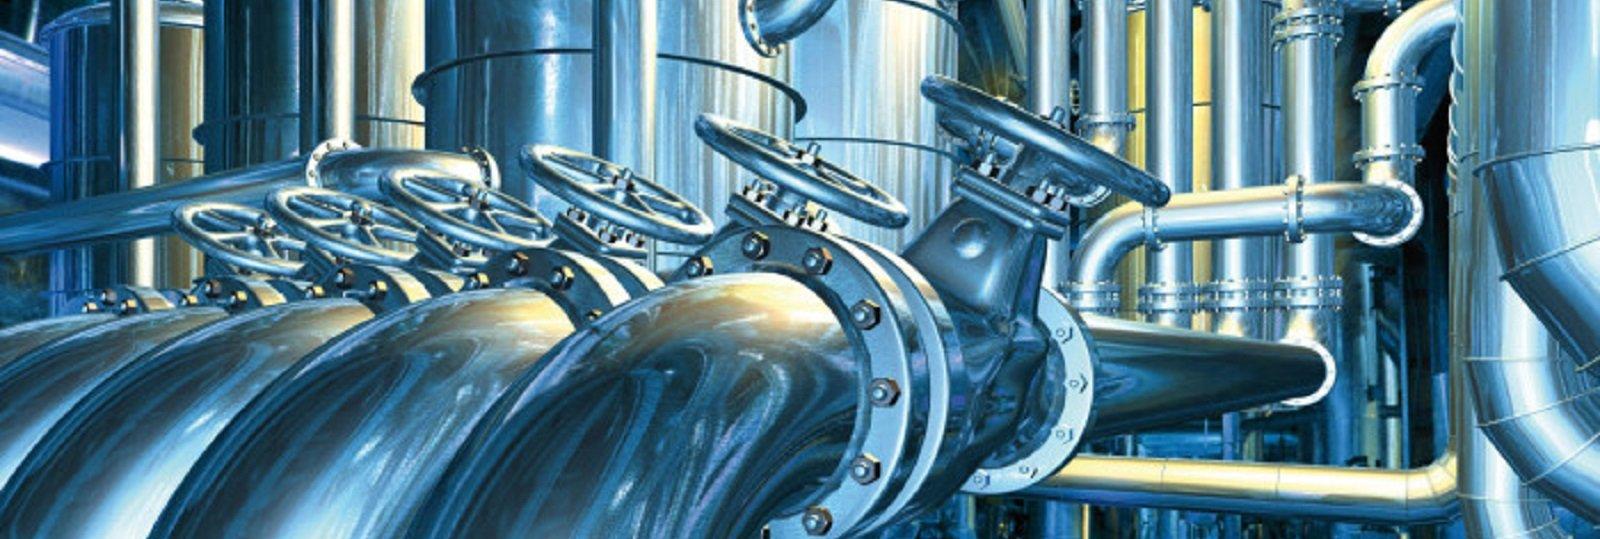 Formation :   Optimiser la gestion patrimoniale des réseaux d'eau potable